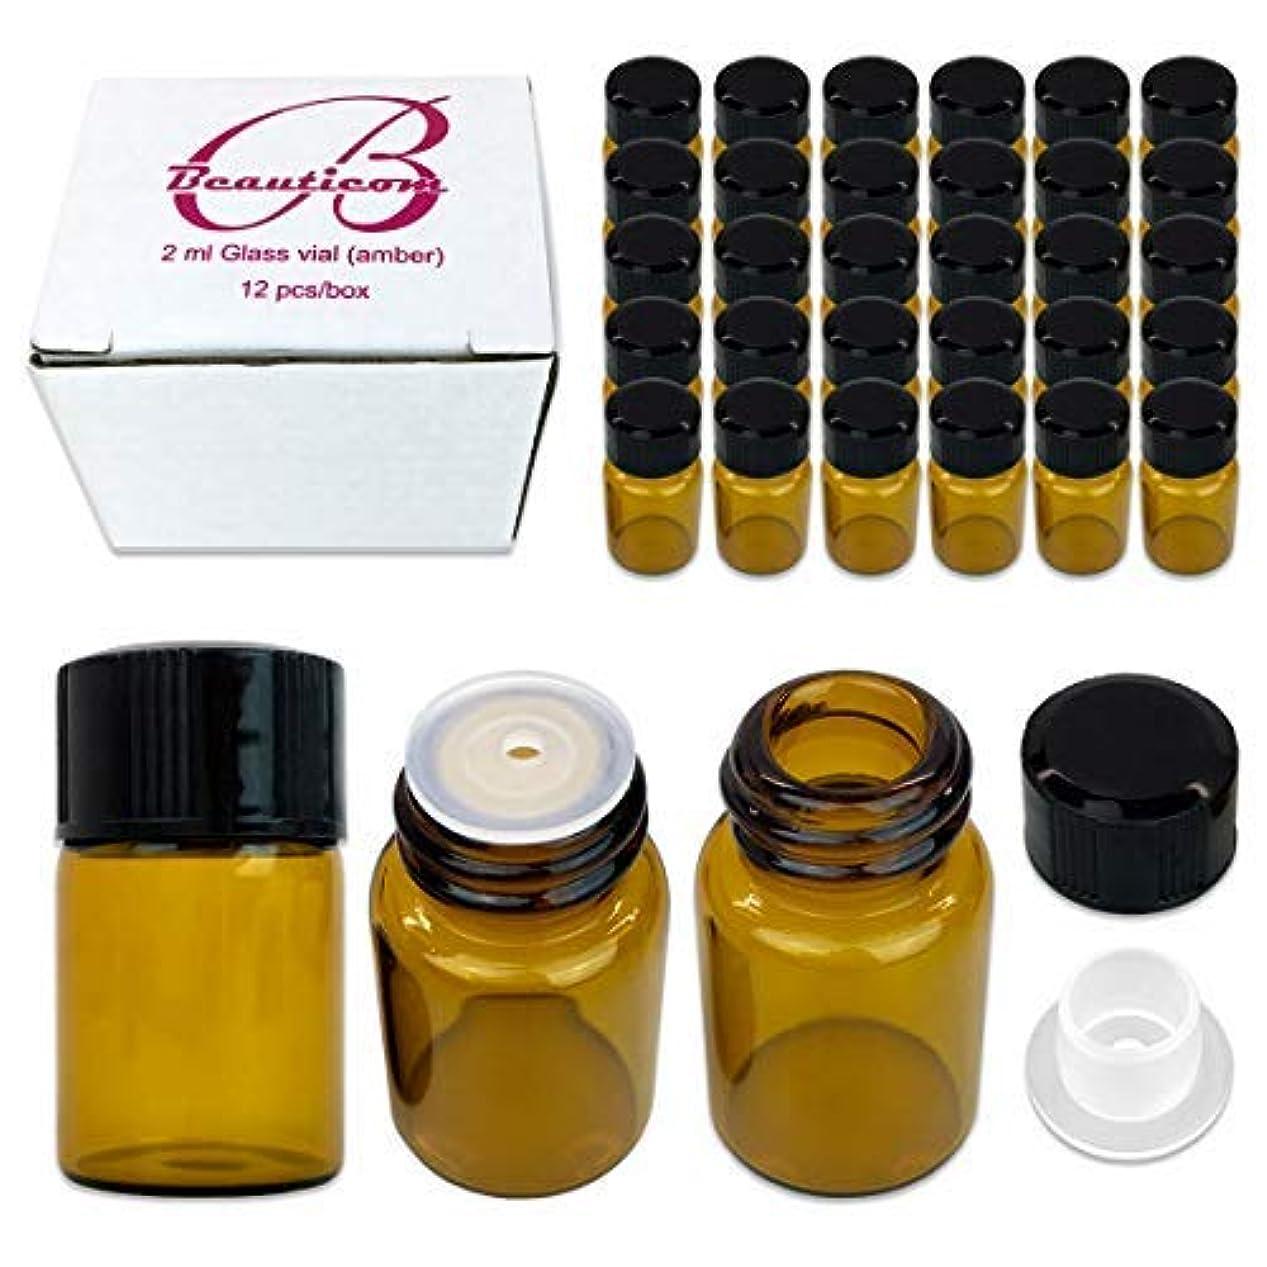 鏡コンピューターを使用する貧しい48 Packs Beauticom 2ML Amber Glass Vial for Essential Oils, Aromatherapy, Fragrance, Serums, Spritzes, with Orifice...